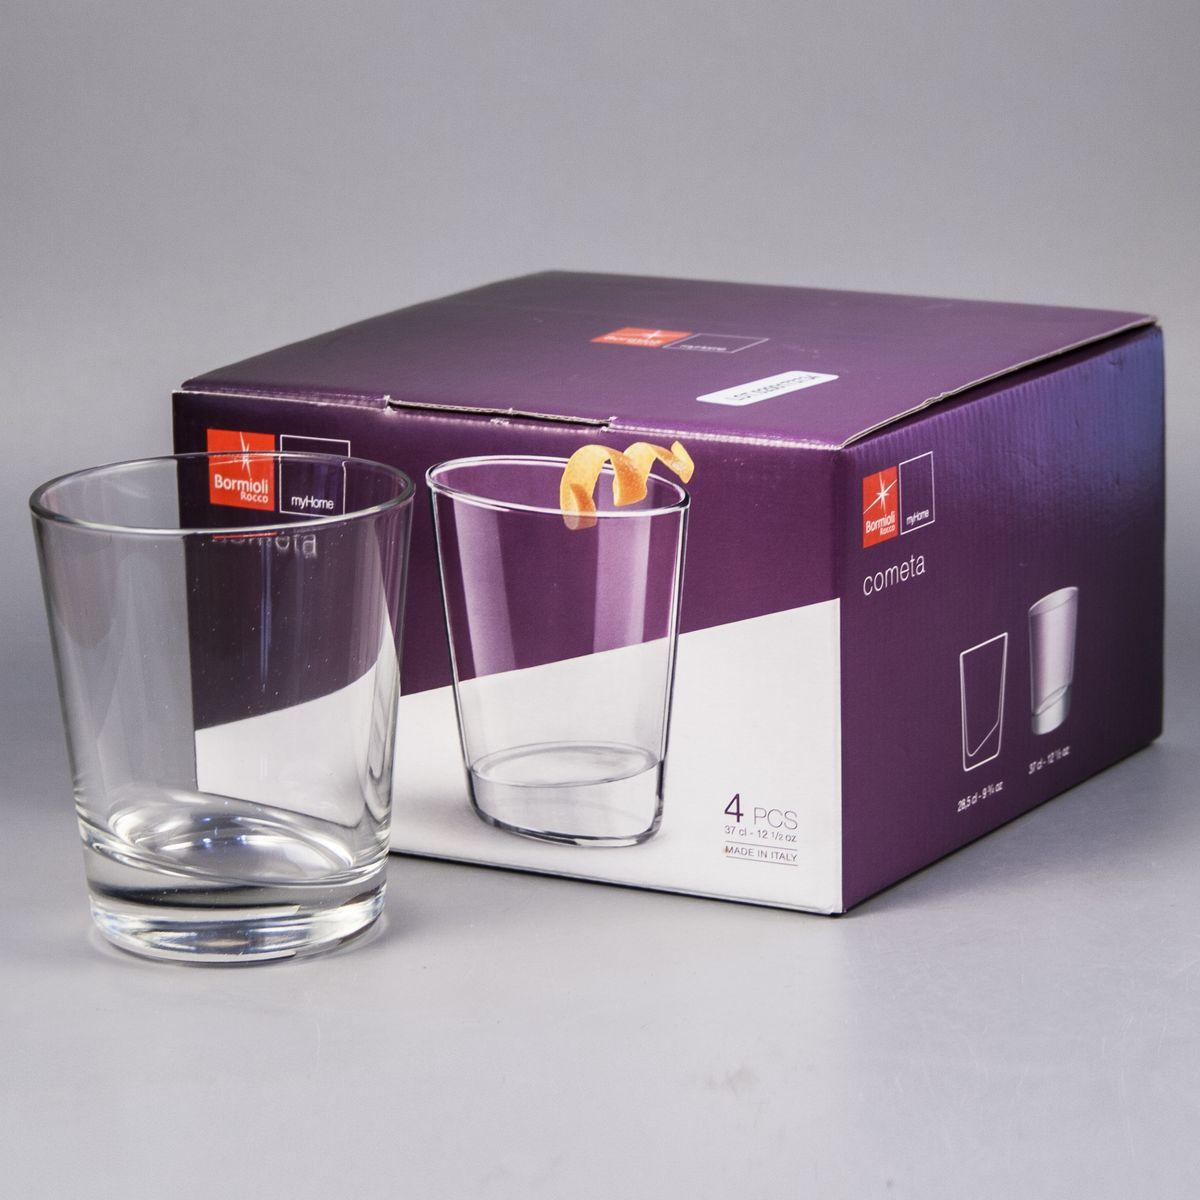 Набор стаканов Bormioli Rocco Cometa, 370 мл, 4 шт235120G10021990Набор Bormioli Rocco Cometa состоит из четырех высоких стаканов, выполненных из высококачественного стекла. Изделия предназначены для подачи холодных напитков. Они сочетают в себе элегантный дизайн и функциональность. Благодаря такому набору пить напитки будет еще приятнее.Набор стаканов Bormioli Rocco Cometa идеально подойдет для сервировки стола и станет отличным подарком к любому празднику.Характеристики:Объем стакана: 370 мл.